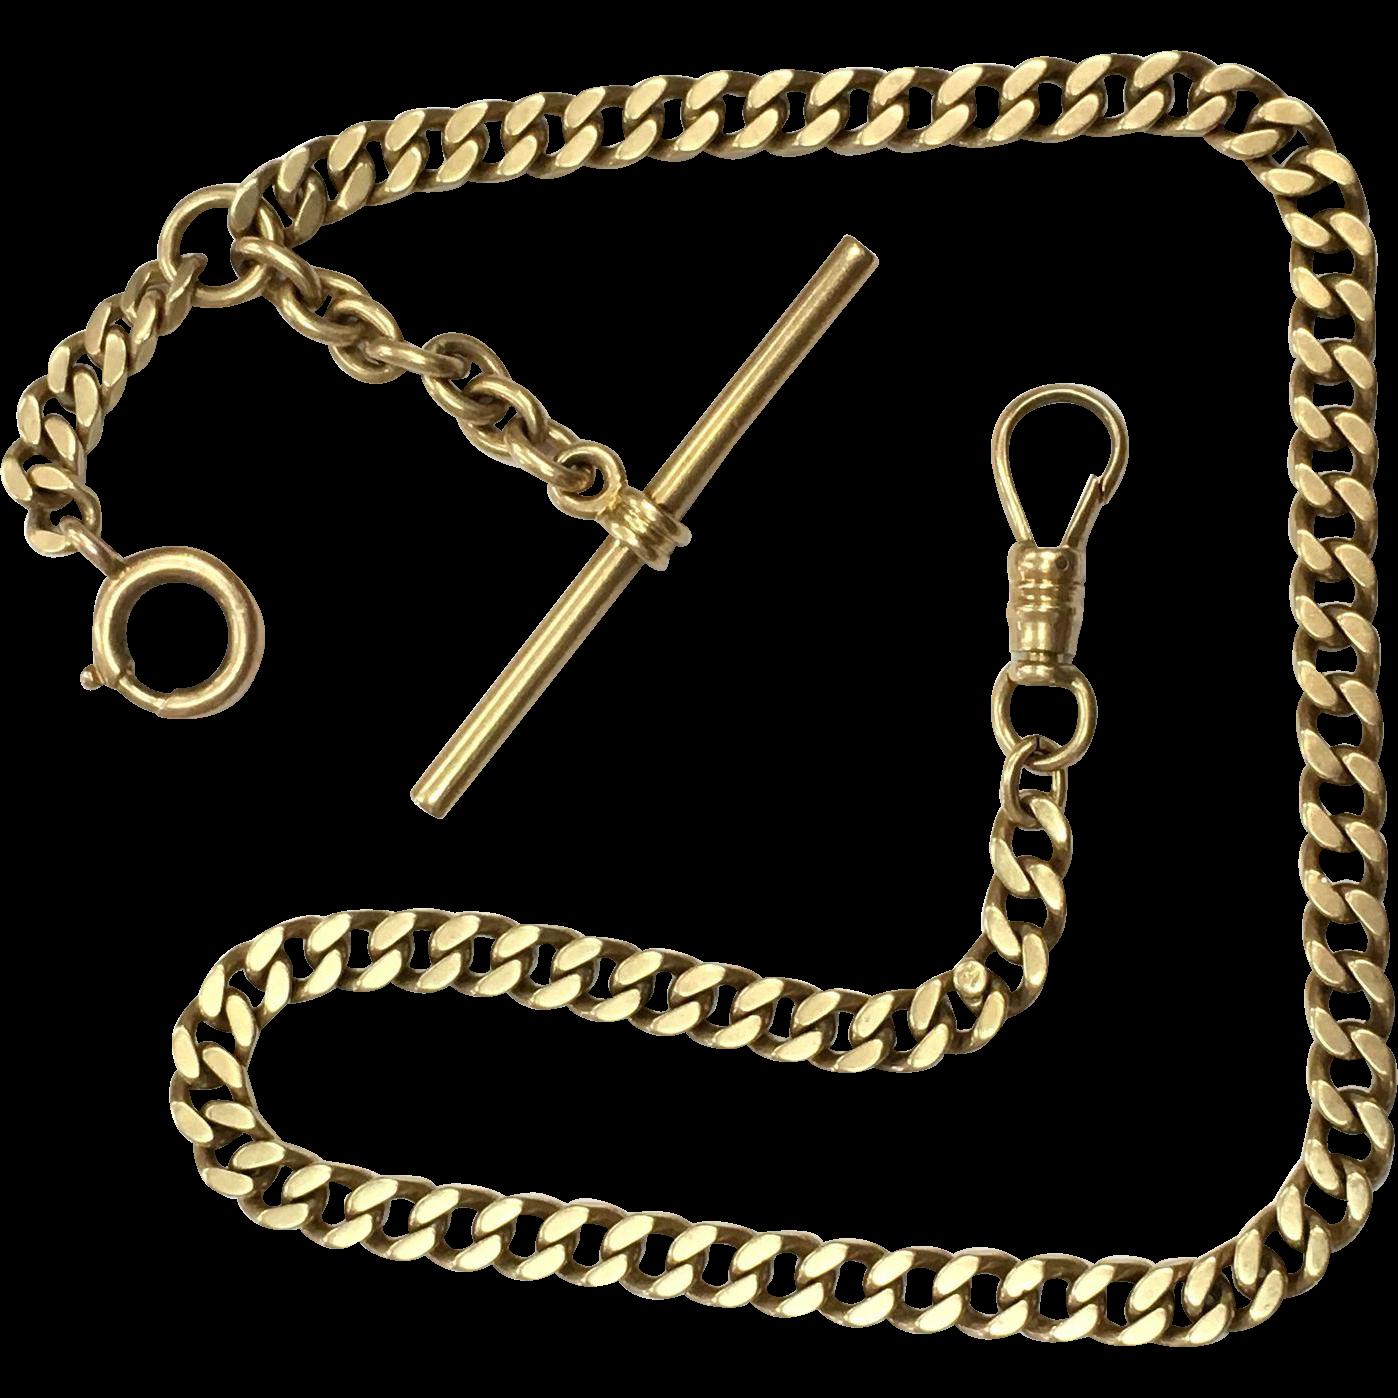 Antique Victorian 14K Prince Albert Watch Chain